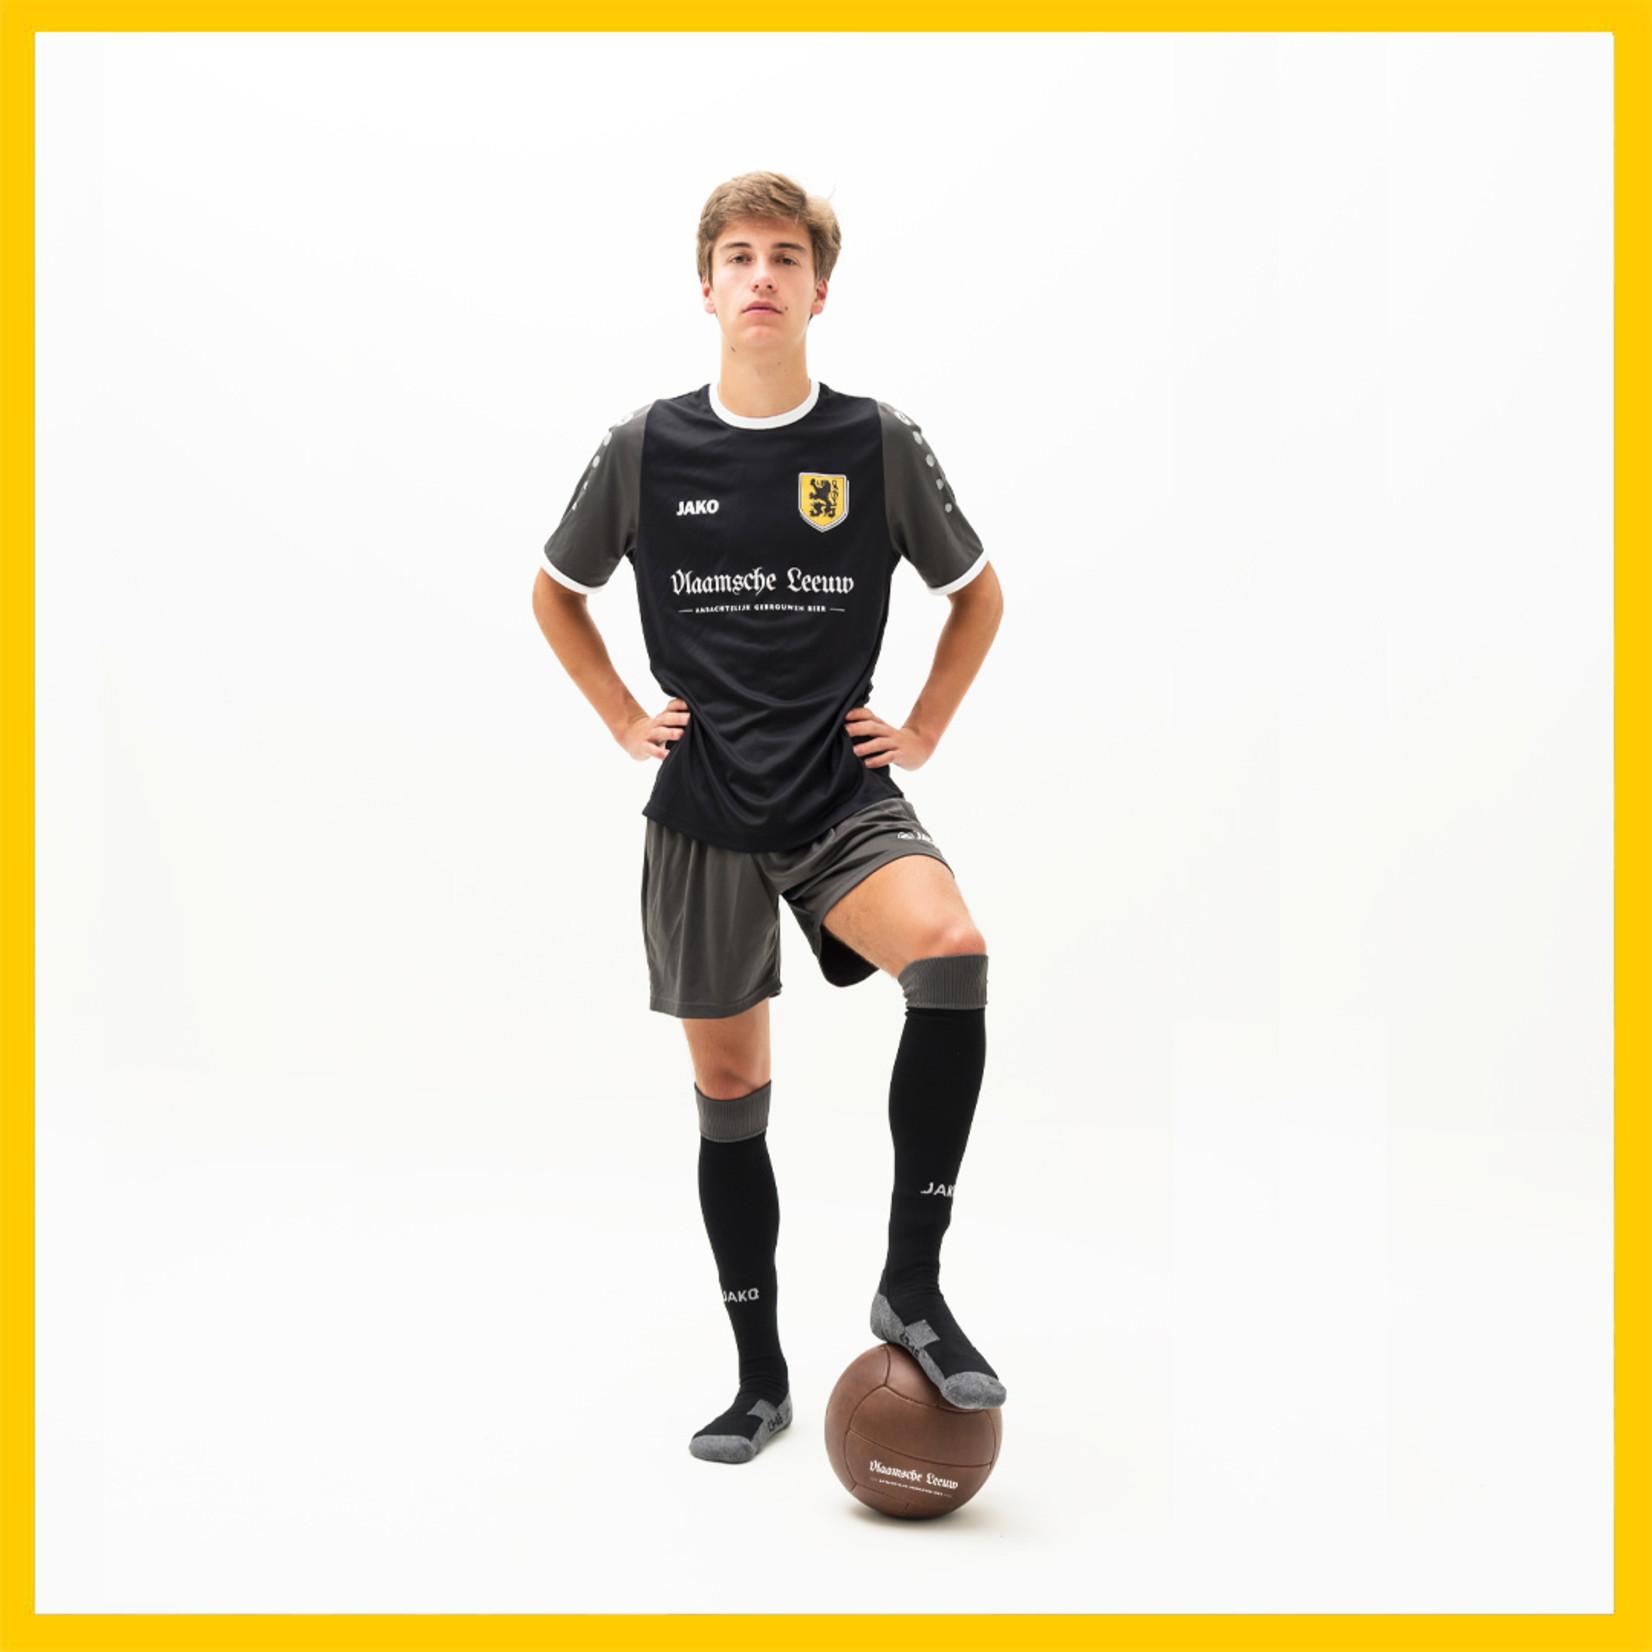 Voetbalkousen Vlaamsche Leeuw